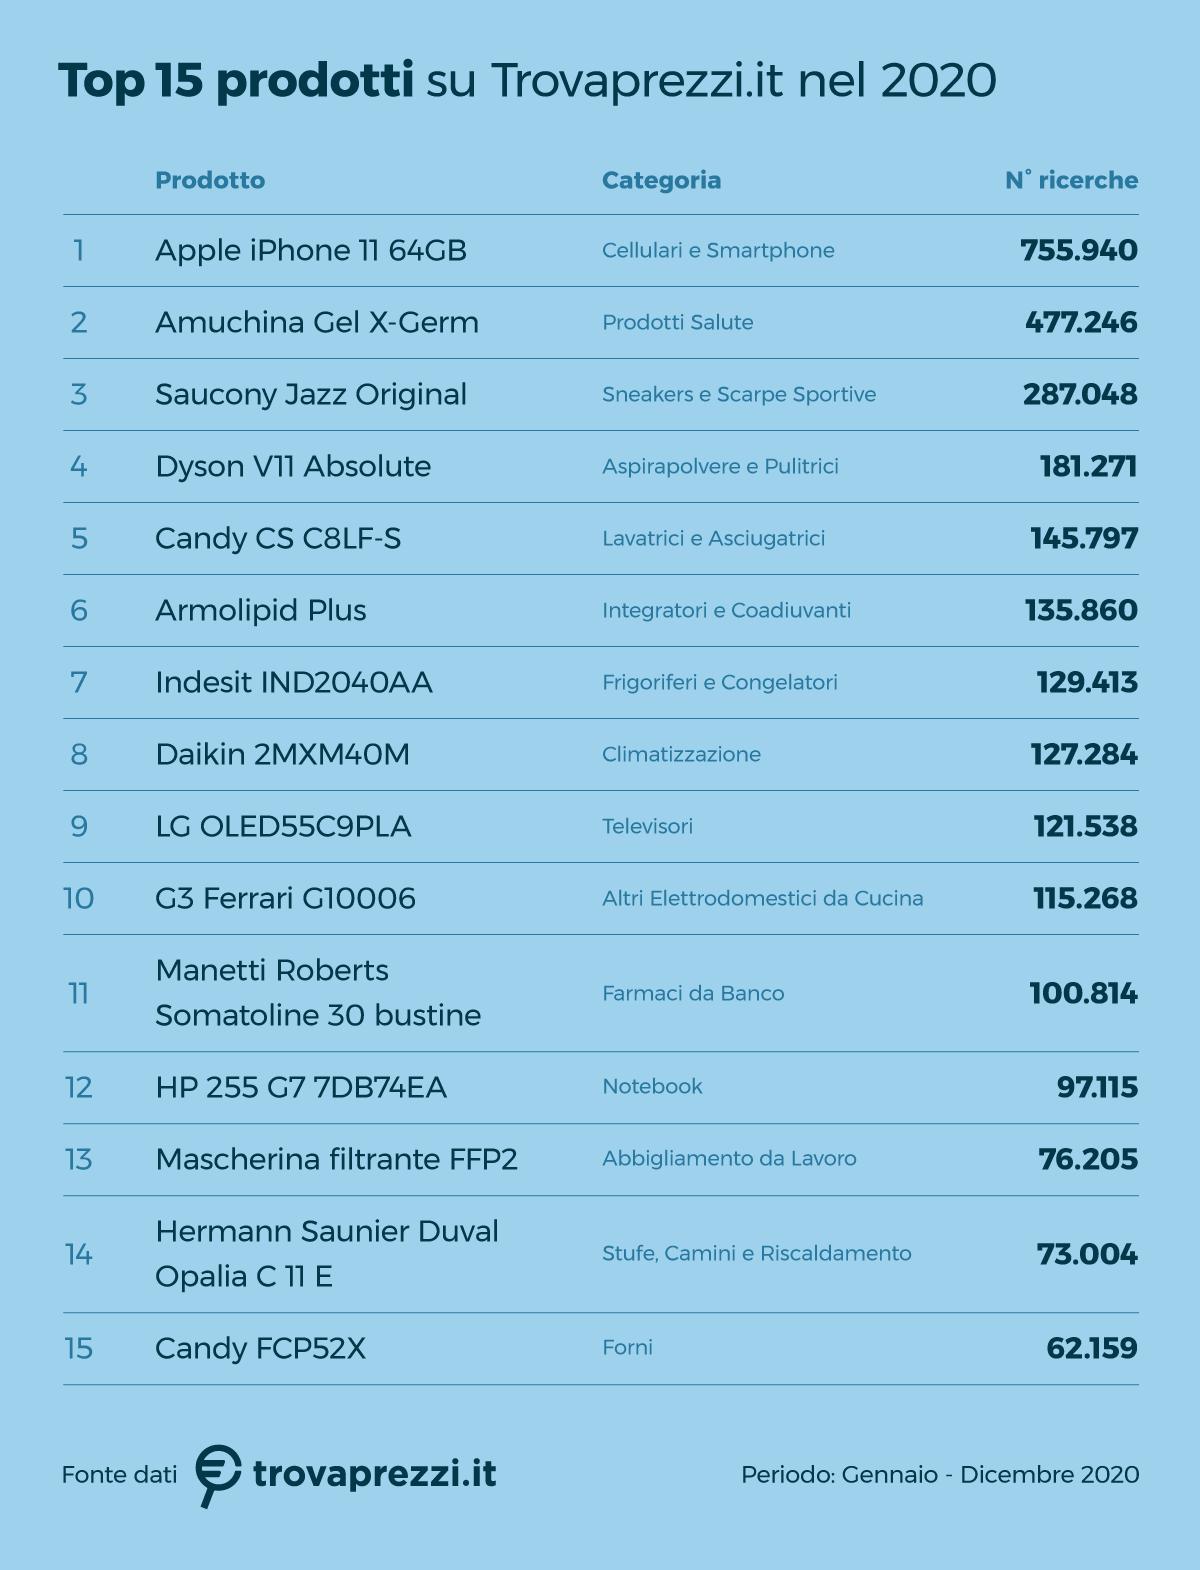 Ricerche online in crescita del 21%: le categorie più cercate